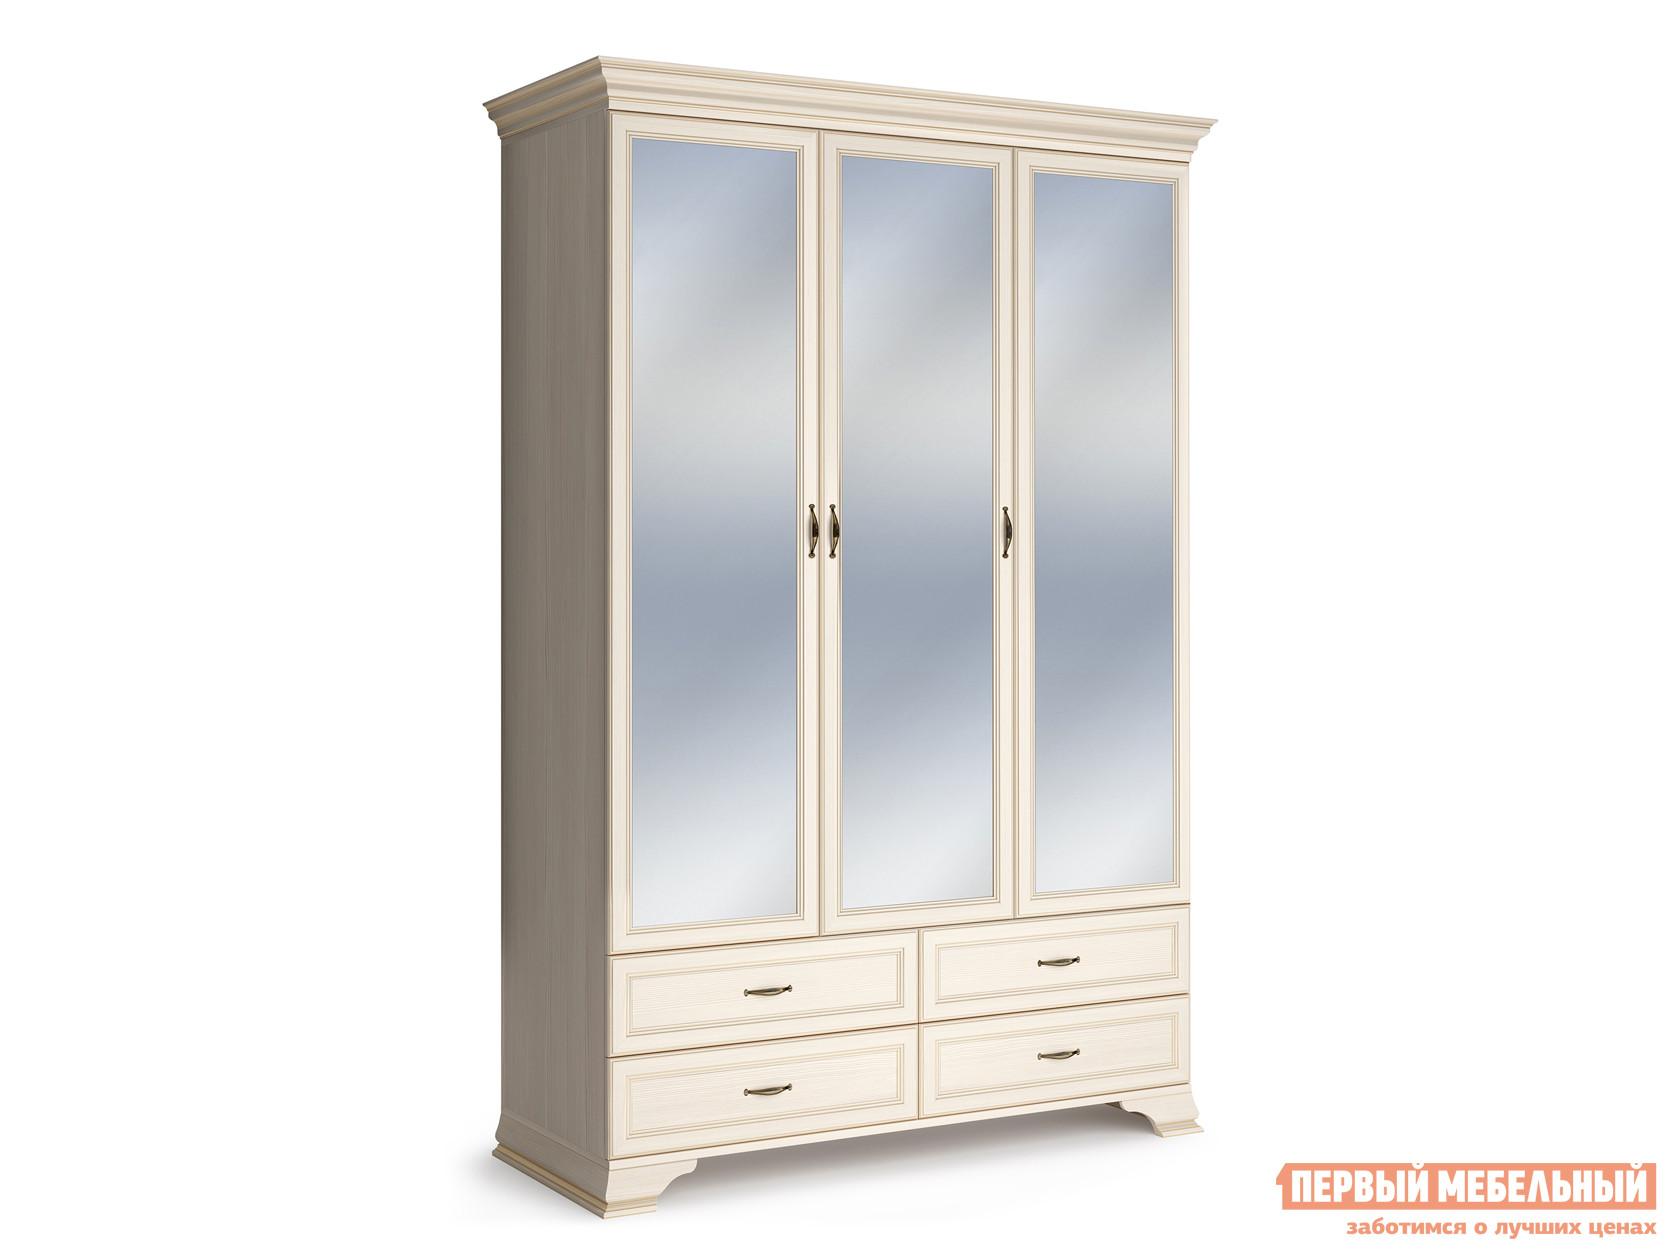 Распашной шкаф  3-х дверный Сиена Бодега белый, патина золото, С тремя зеркалами КУРАЖ 95749